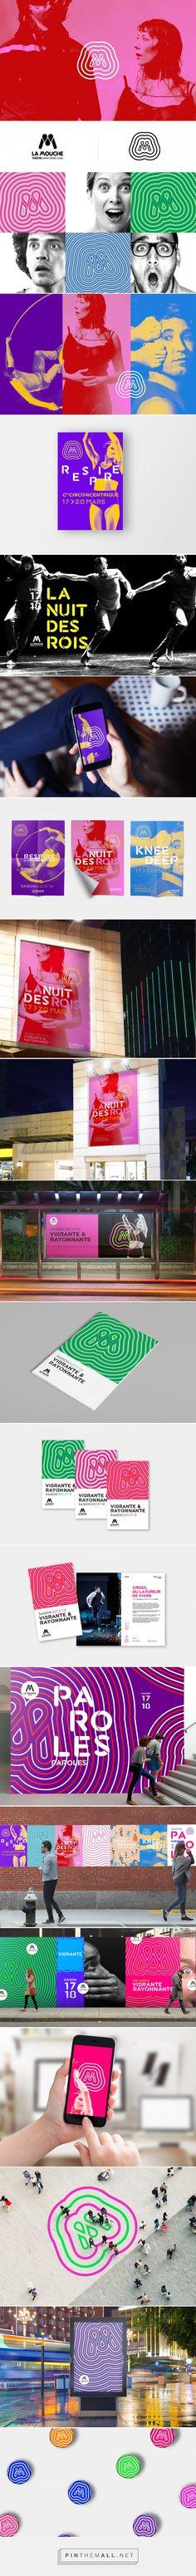 LA MOUCHE - Brand Design by Graphéine